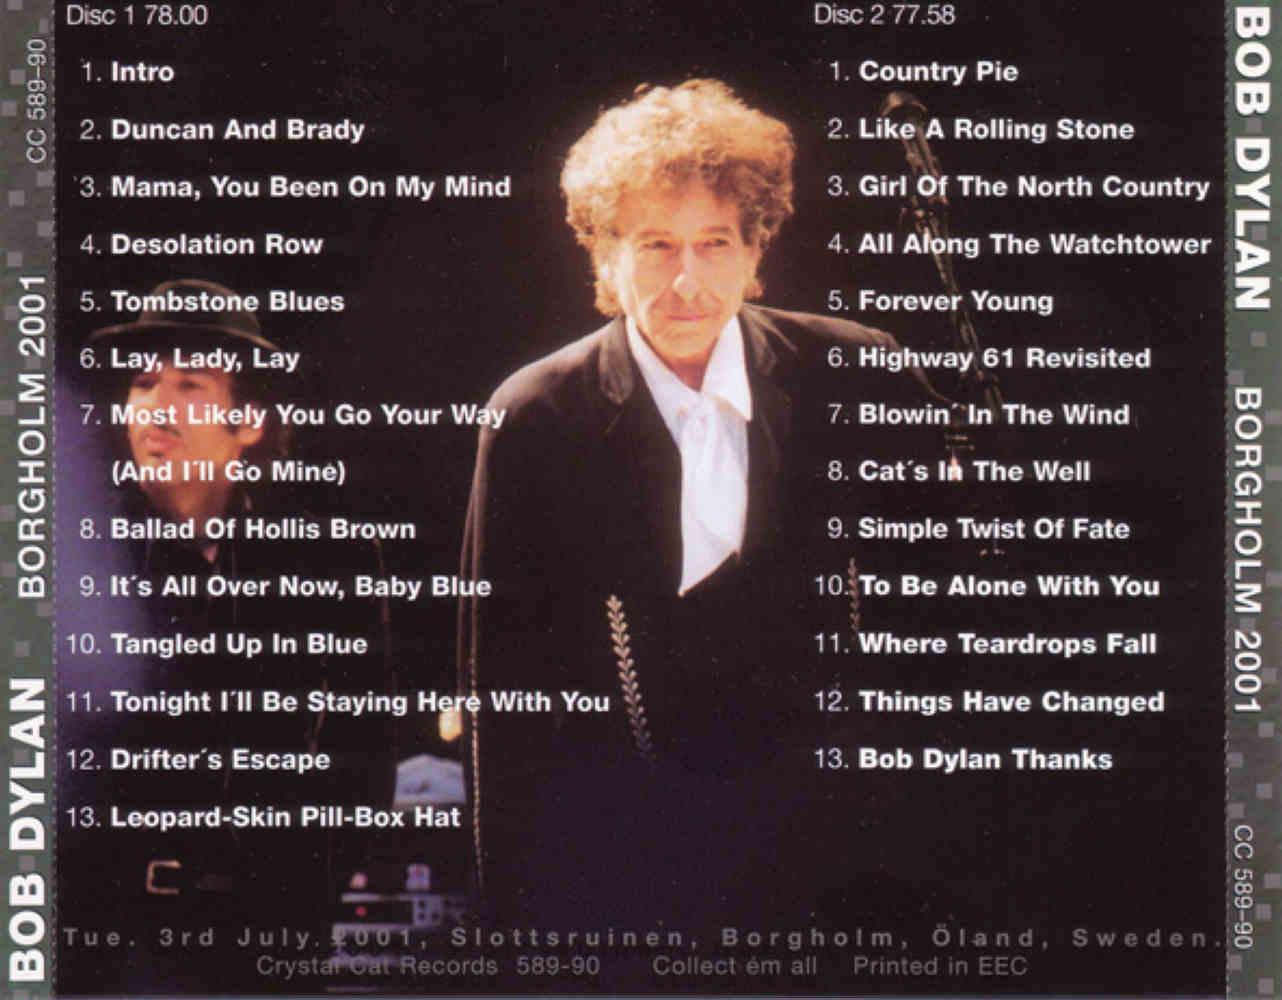 Bob Dylan: Borgholm 2001  Borgholm, Sweden - July 03, 2001 (Double